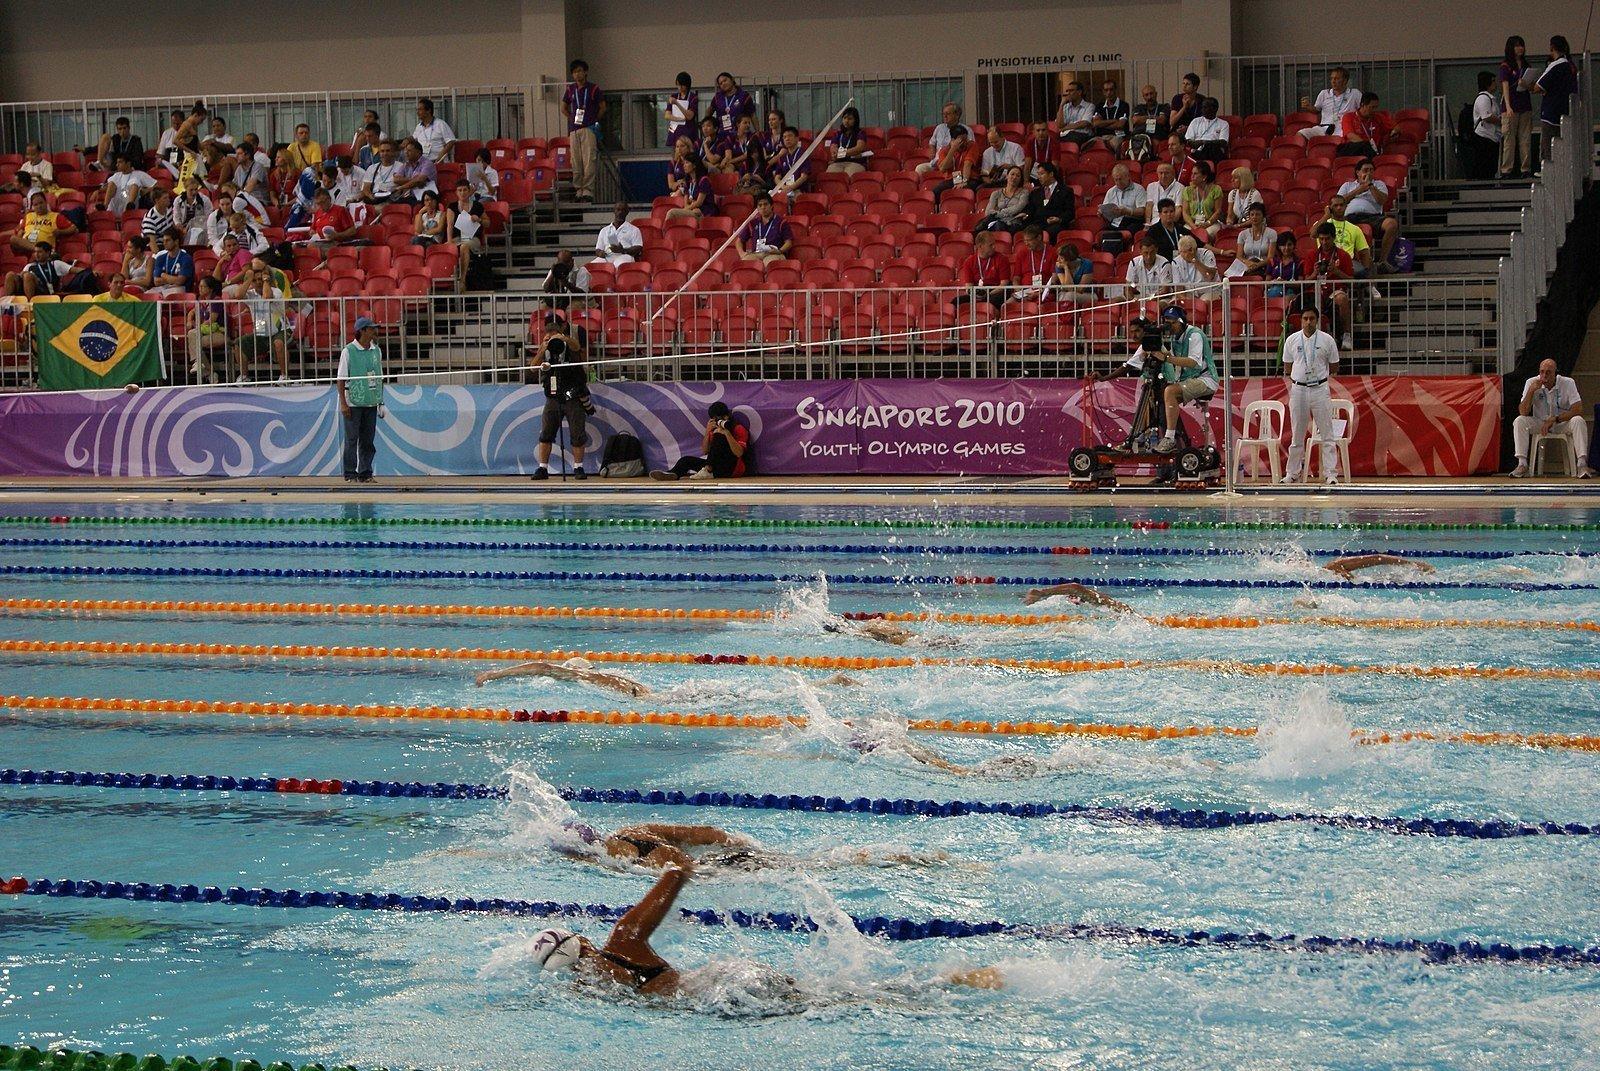 Singapore sport event